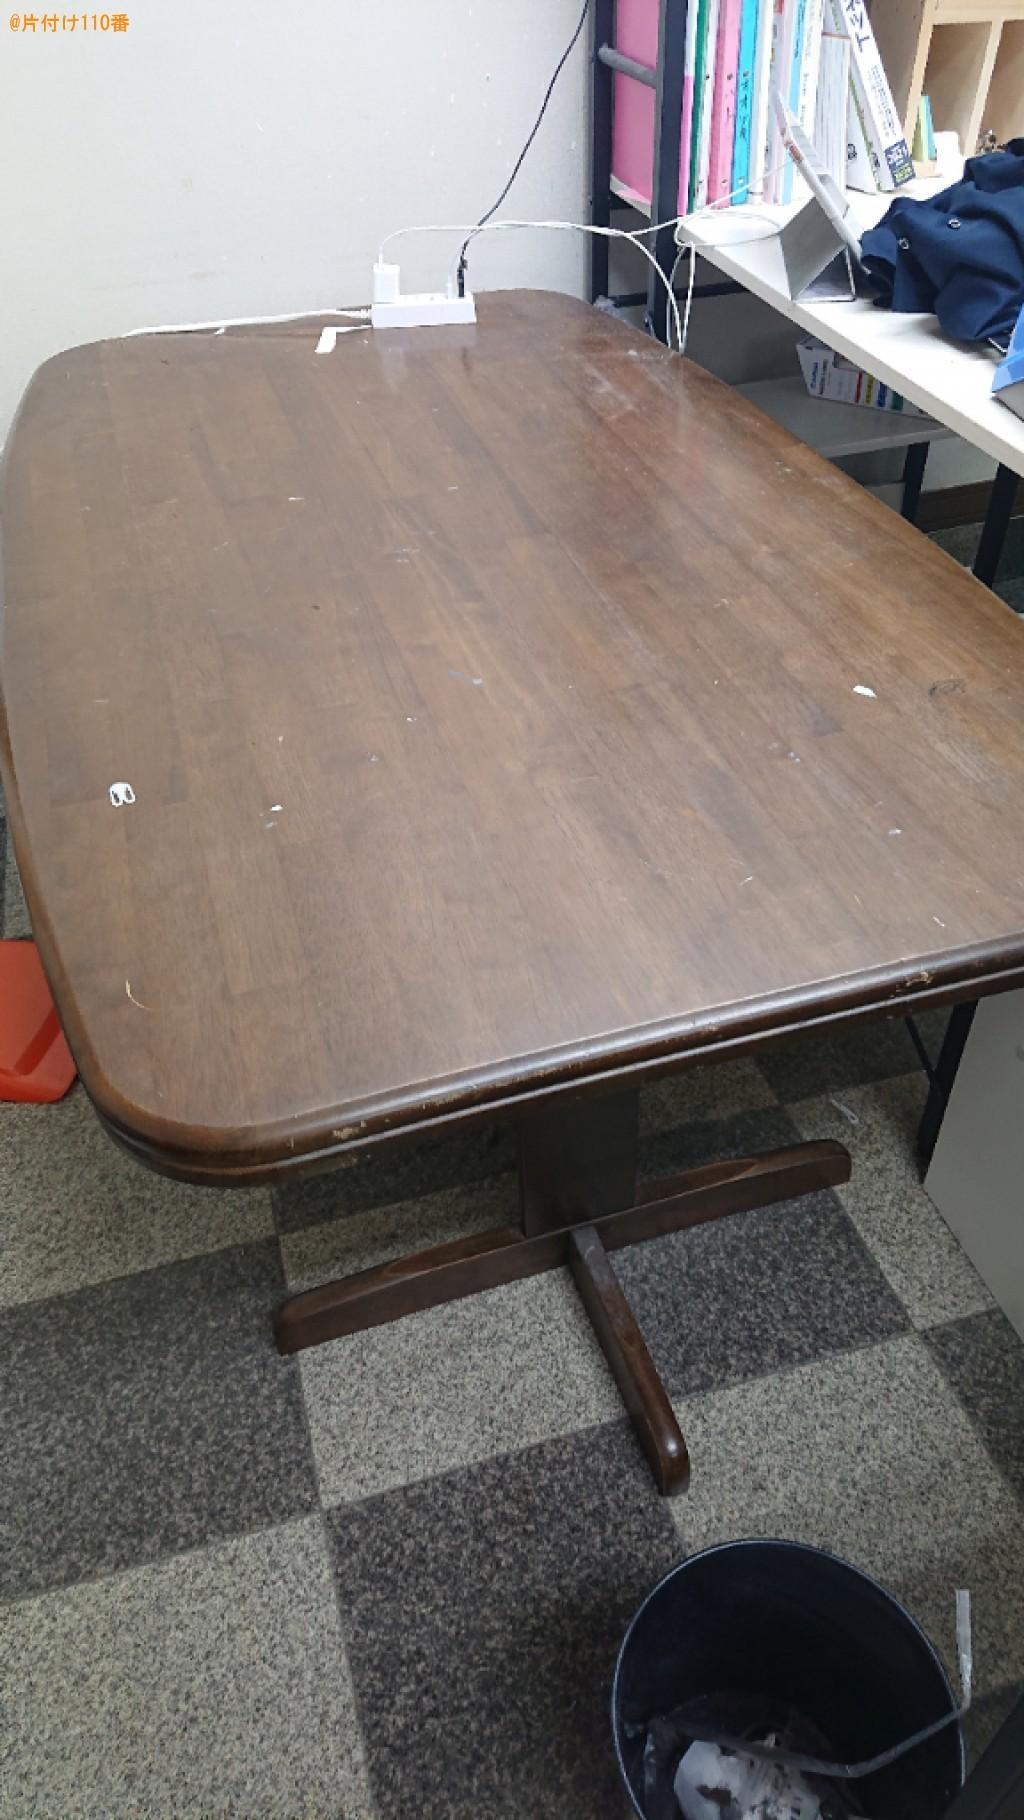 【舞鶴市】四人用ダイニングテーブル、ショーケース、椅子の回収